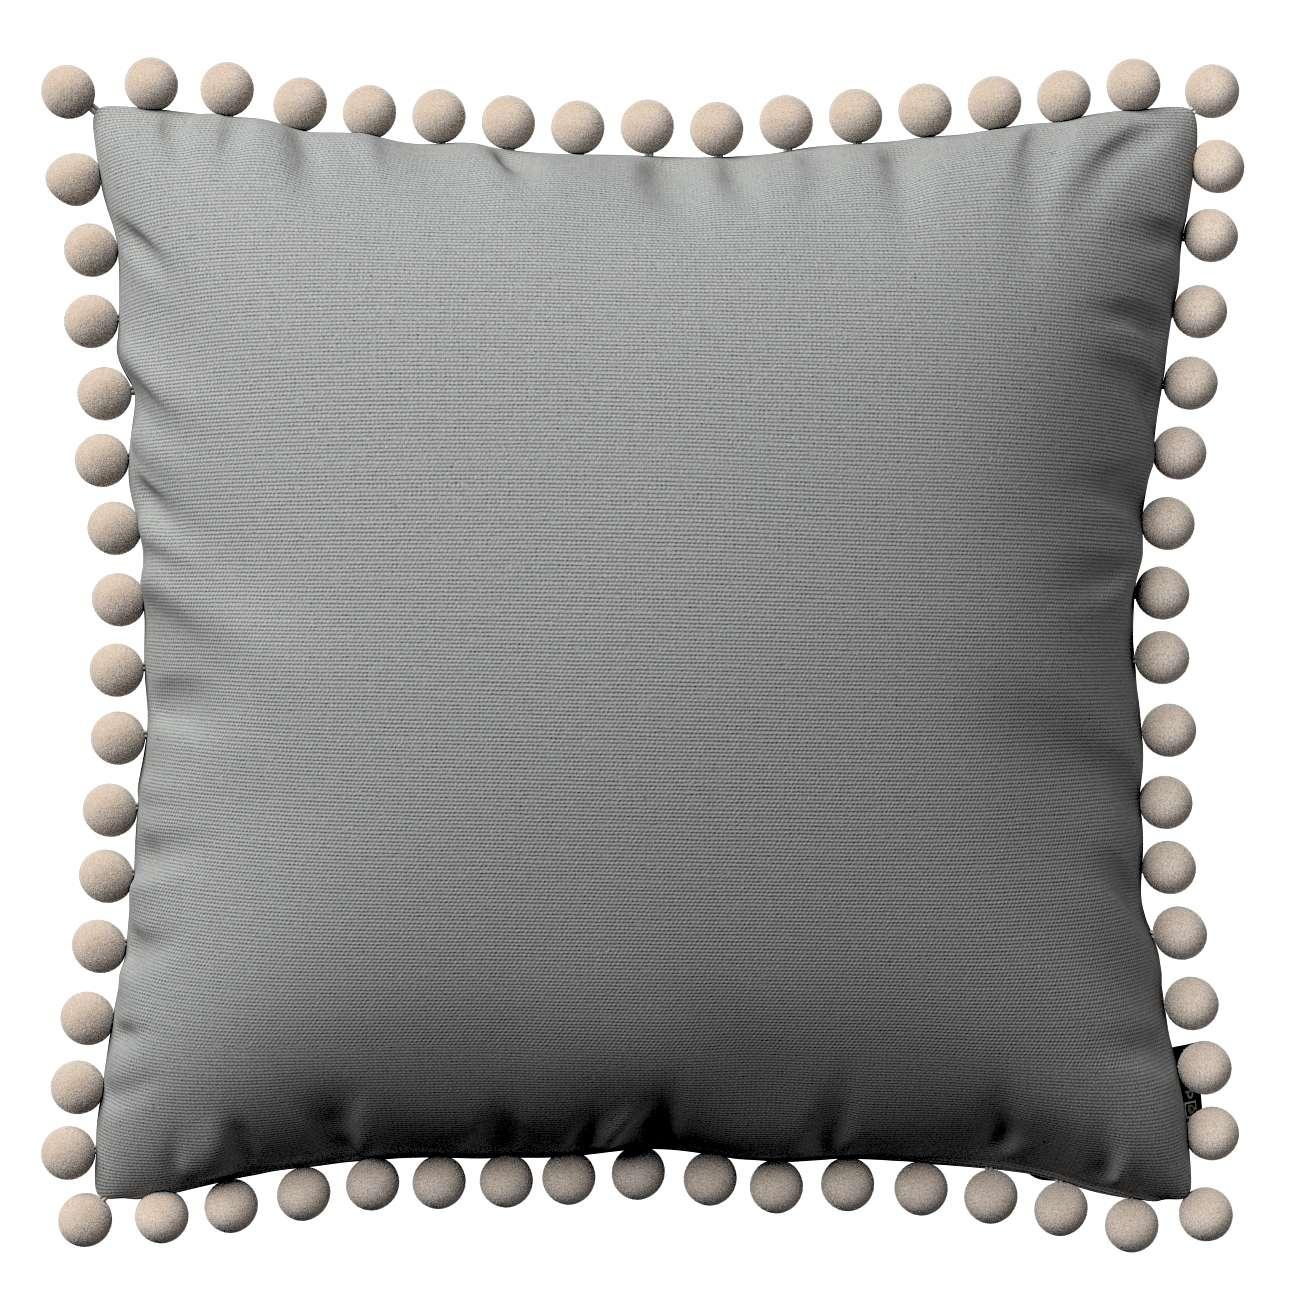 Wera dekoratyvinės pagalvėlės užvalkalas su žaismingais kraštais 45 x 45 cm kolekcijoje Loneta , audinys: 133-24